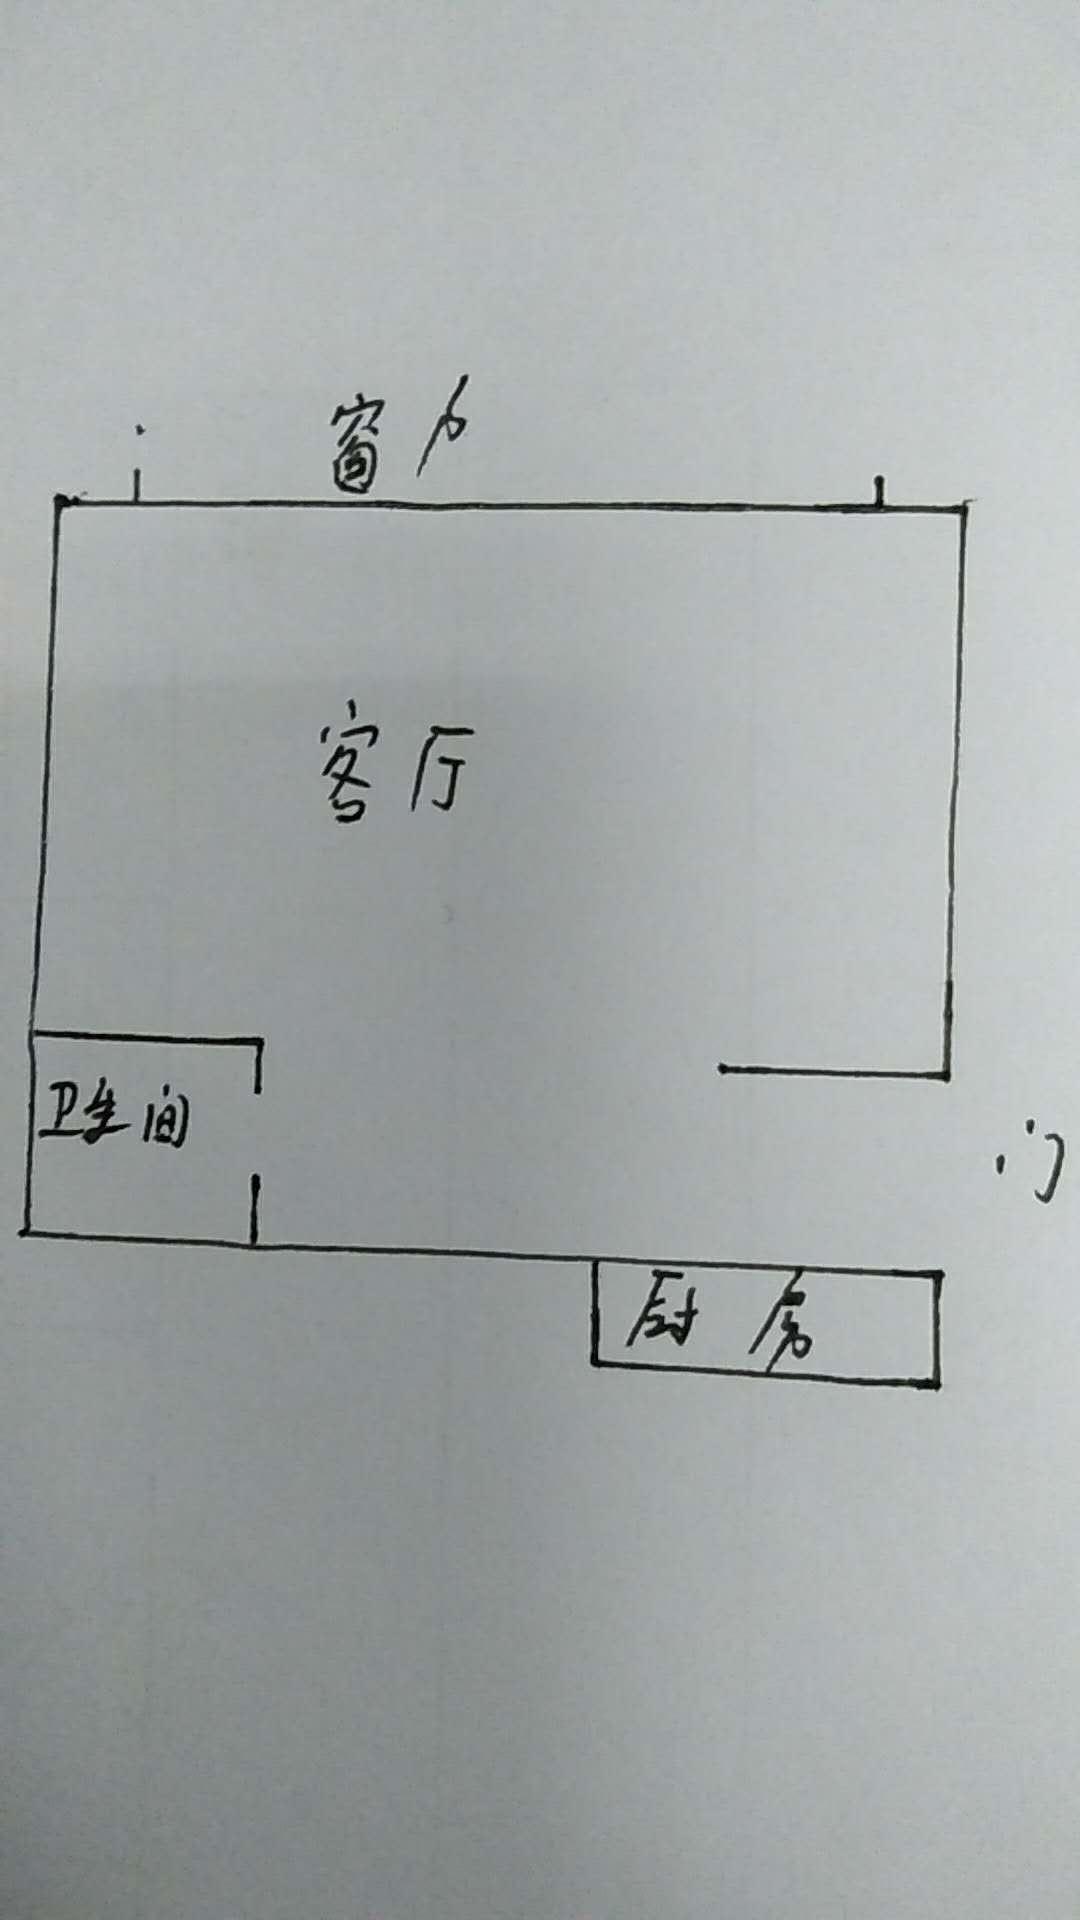 万达广场公寓 1室1厅 7楼